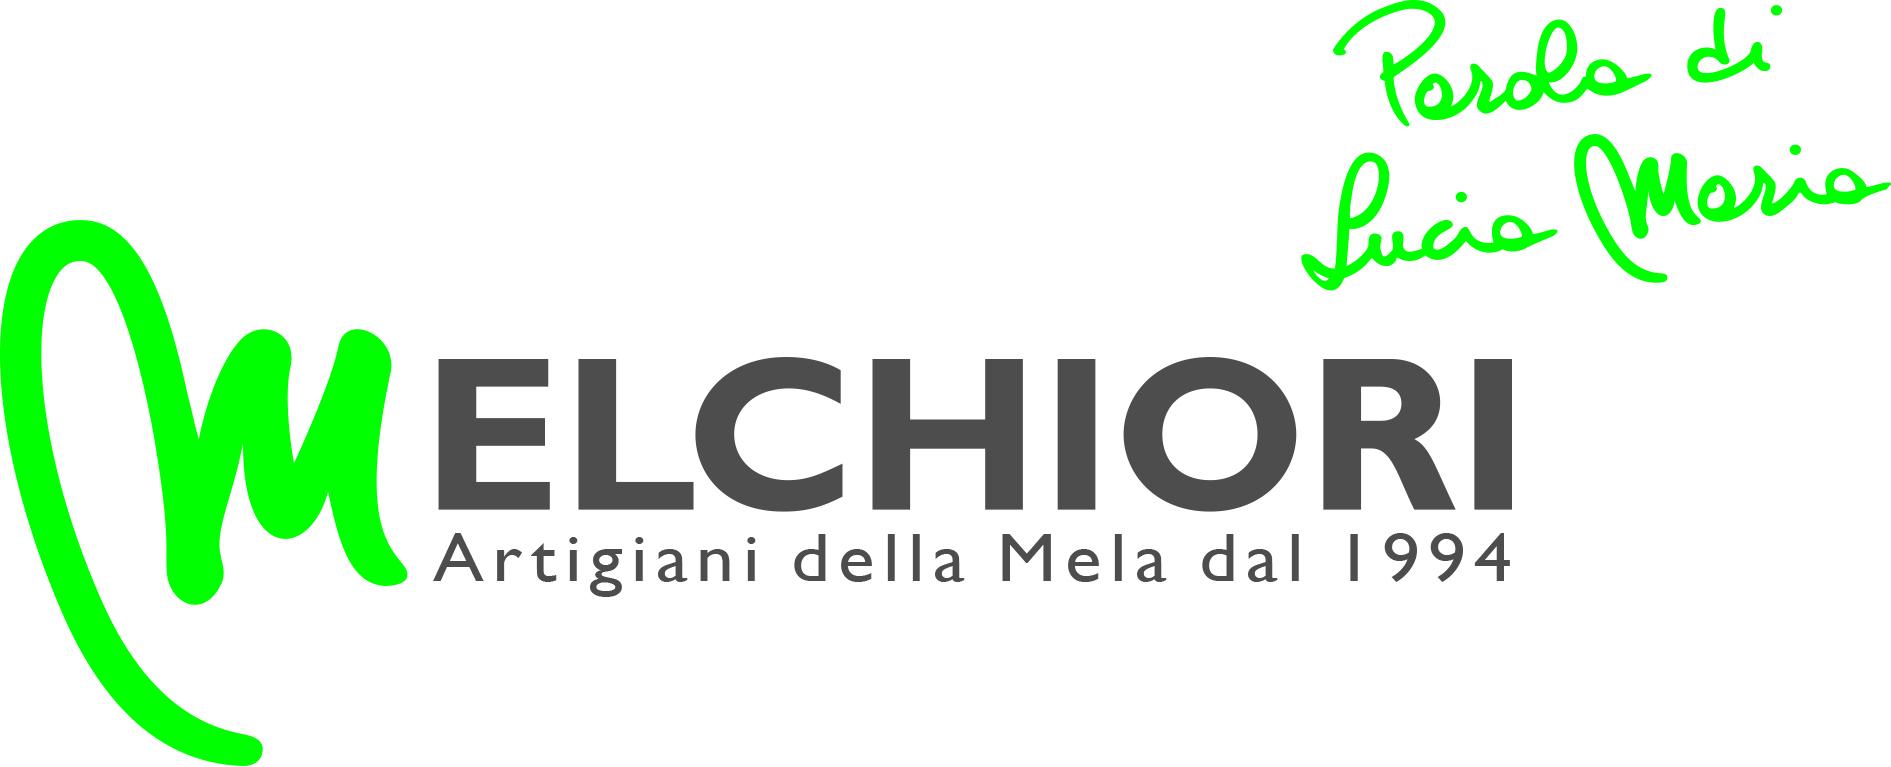 LOGO_Melchiori verde_Parola di Lucia Mar